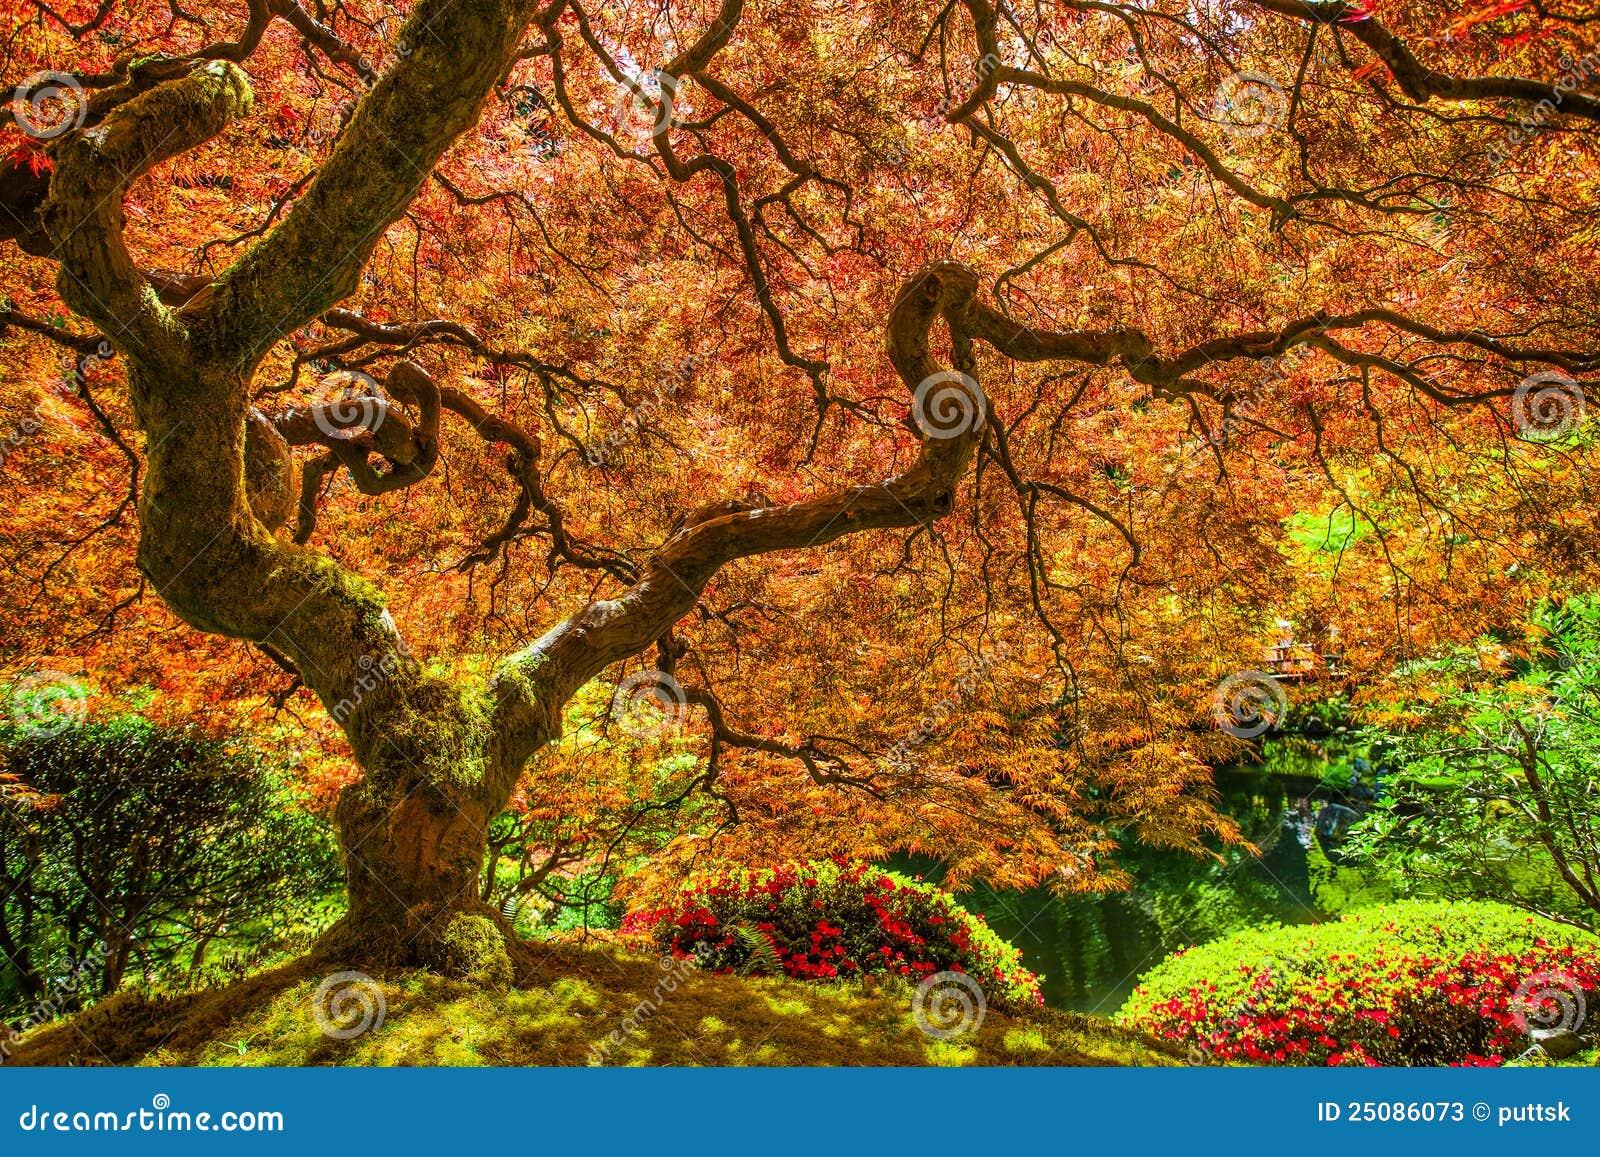 arbre d 39 rable japonais rouge photos stock image 25086073. Black Bedroom Furniture Sets. Home Design Ideas